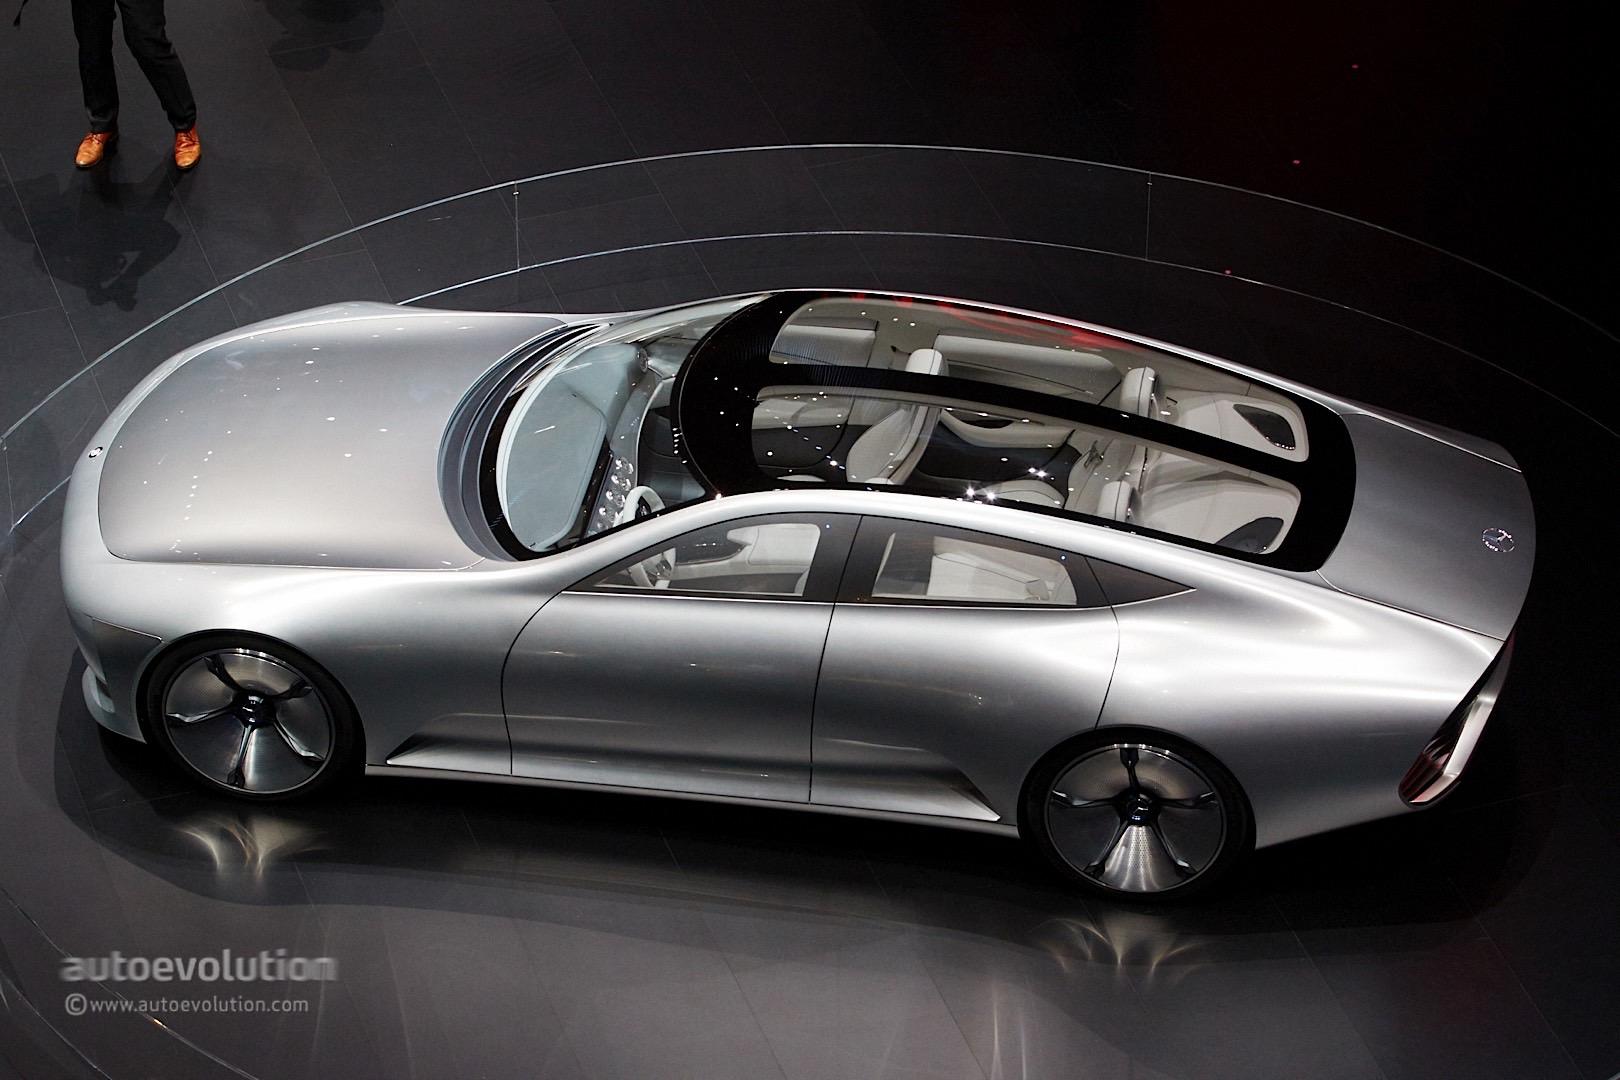 German Car Wallpaper Mercedes Benz Concept Iaa Storms Frankfurt With Its